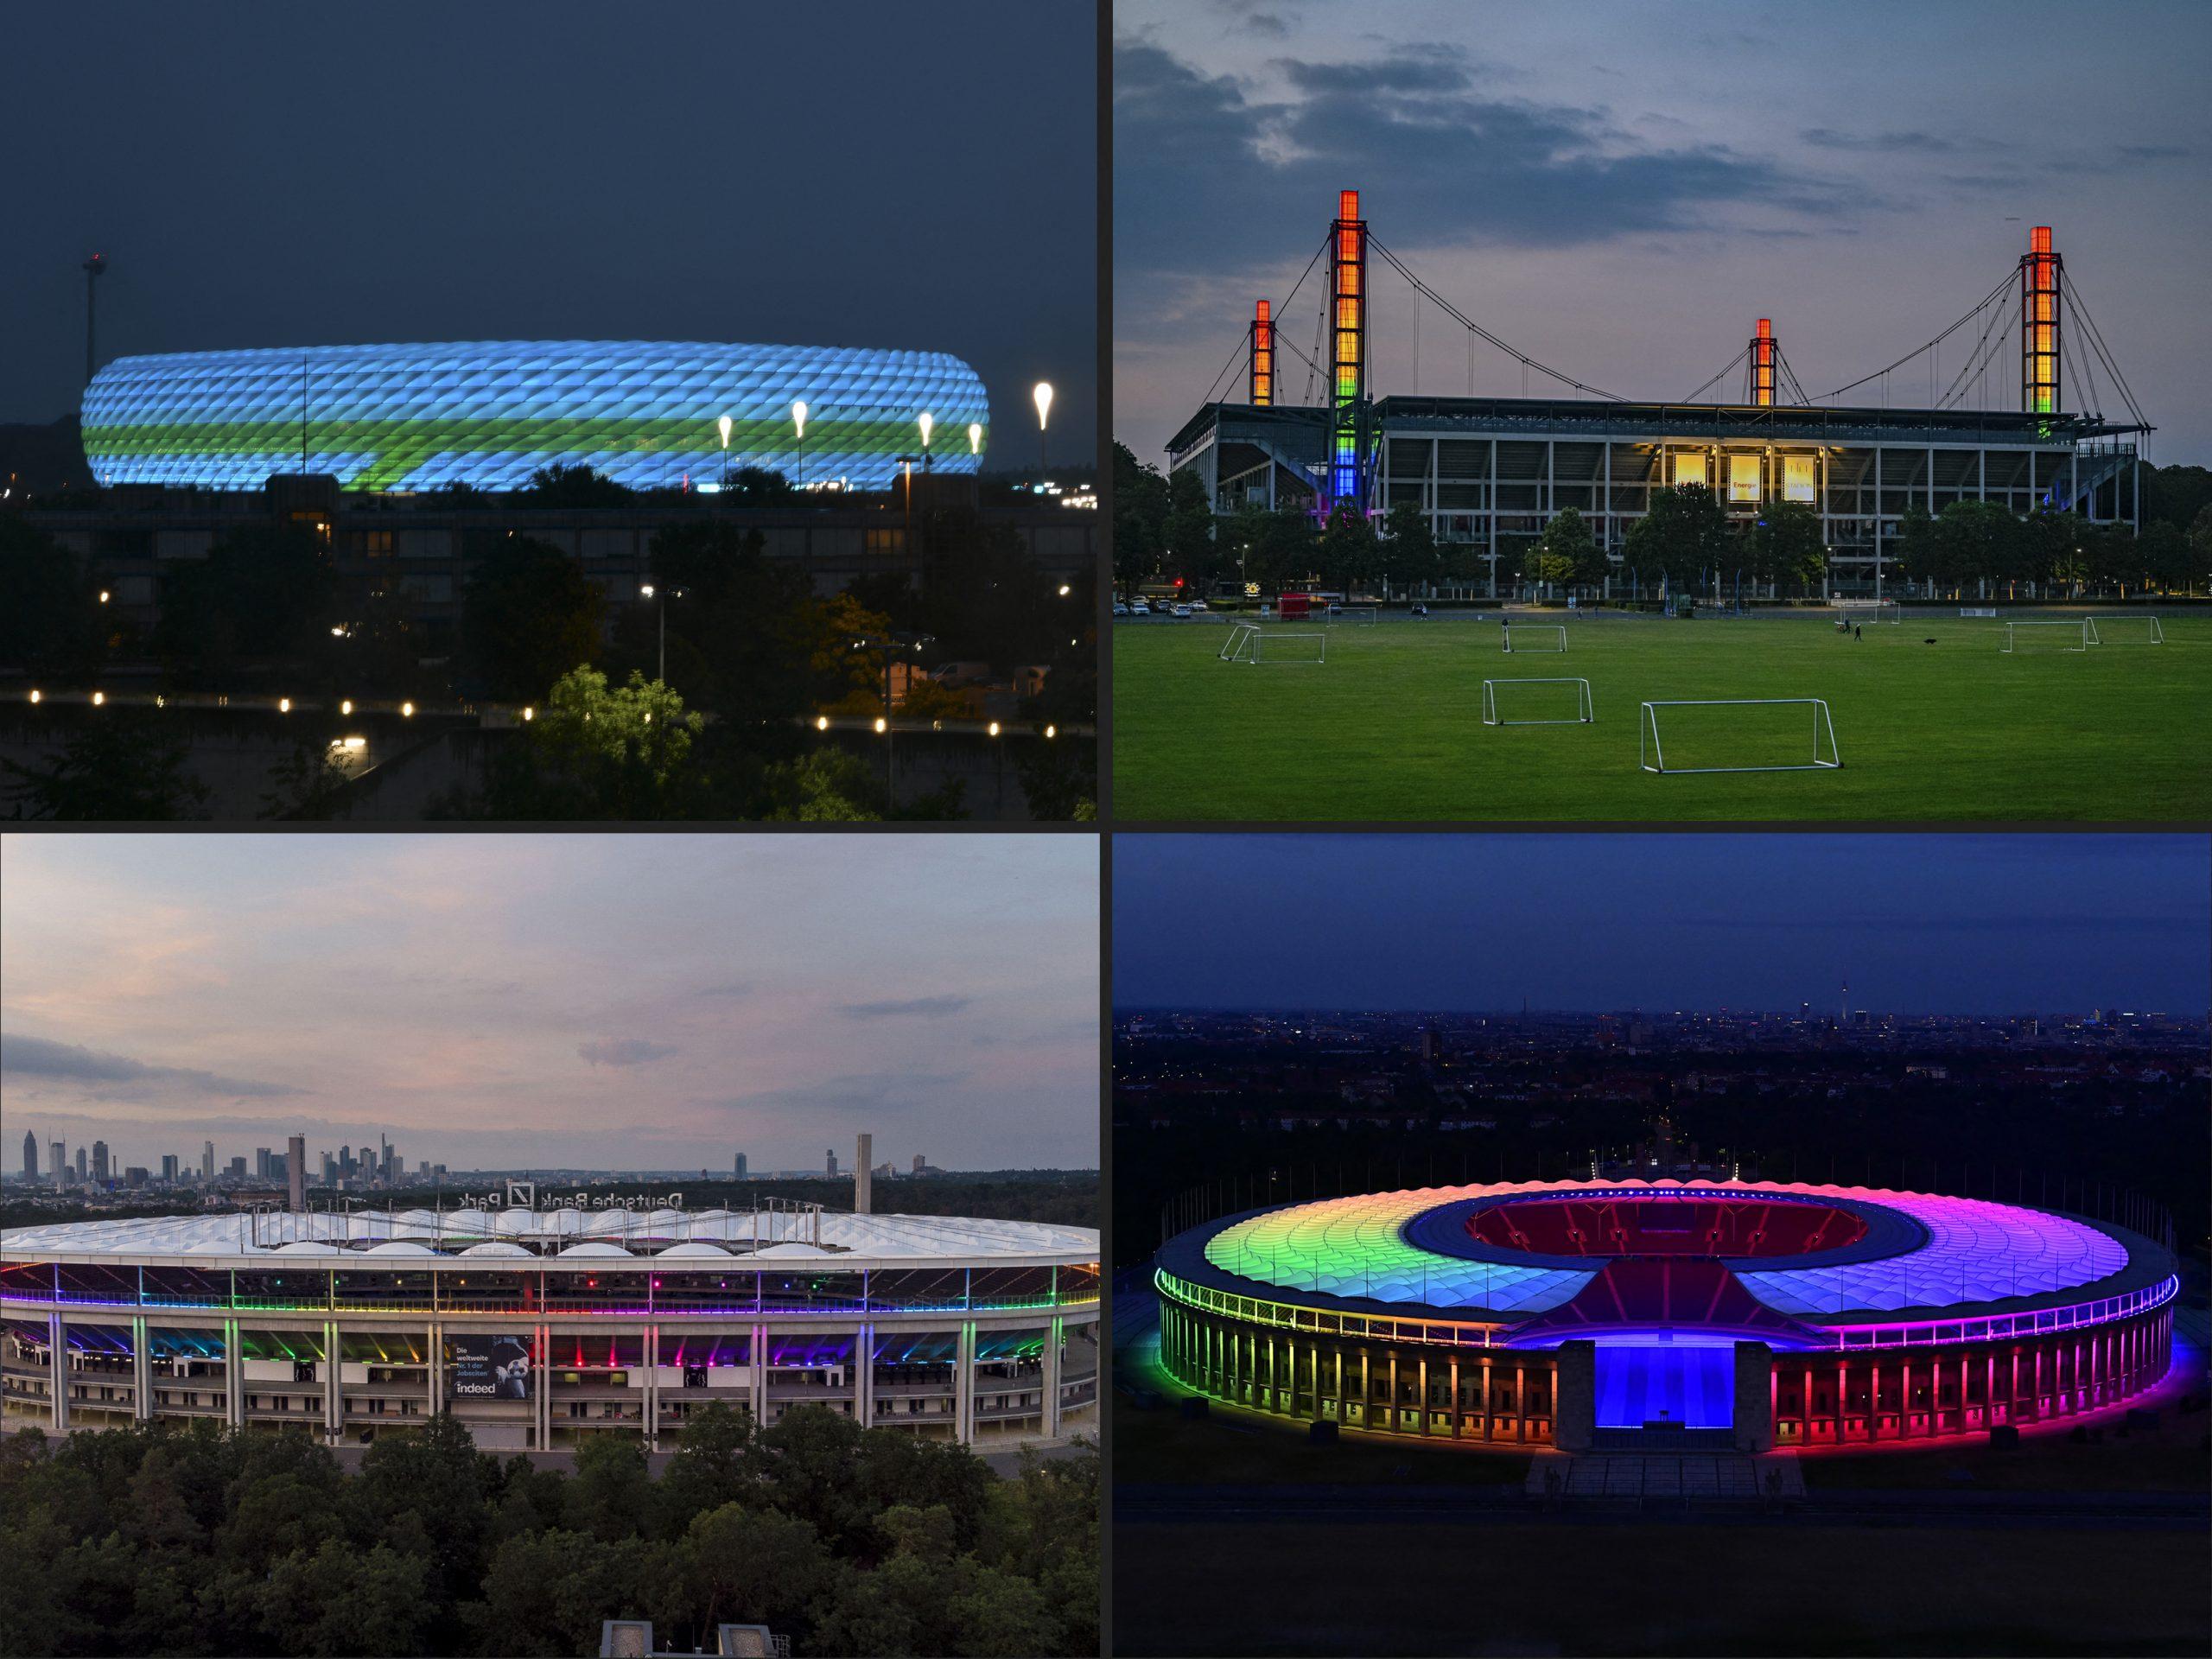 Estádio alemães iluminados com as cores do arco-íris: resistência à intolerância. Fotos da AFP